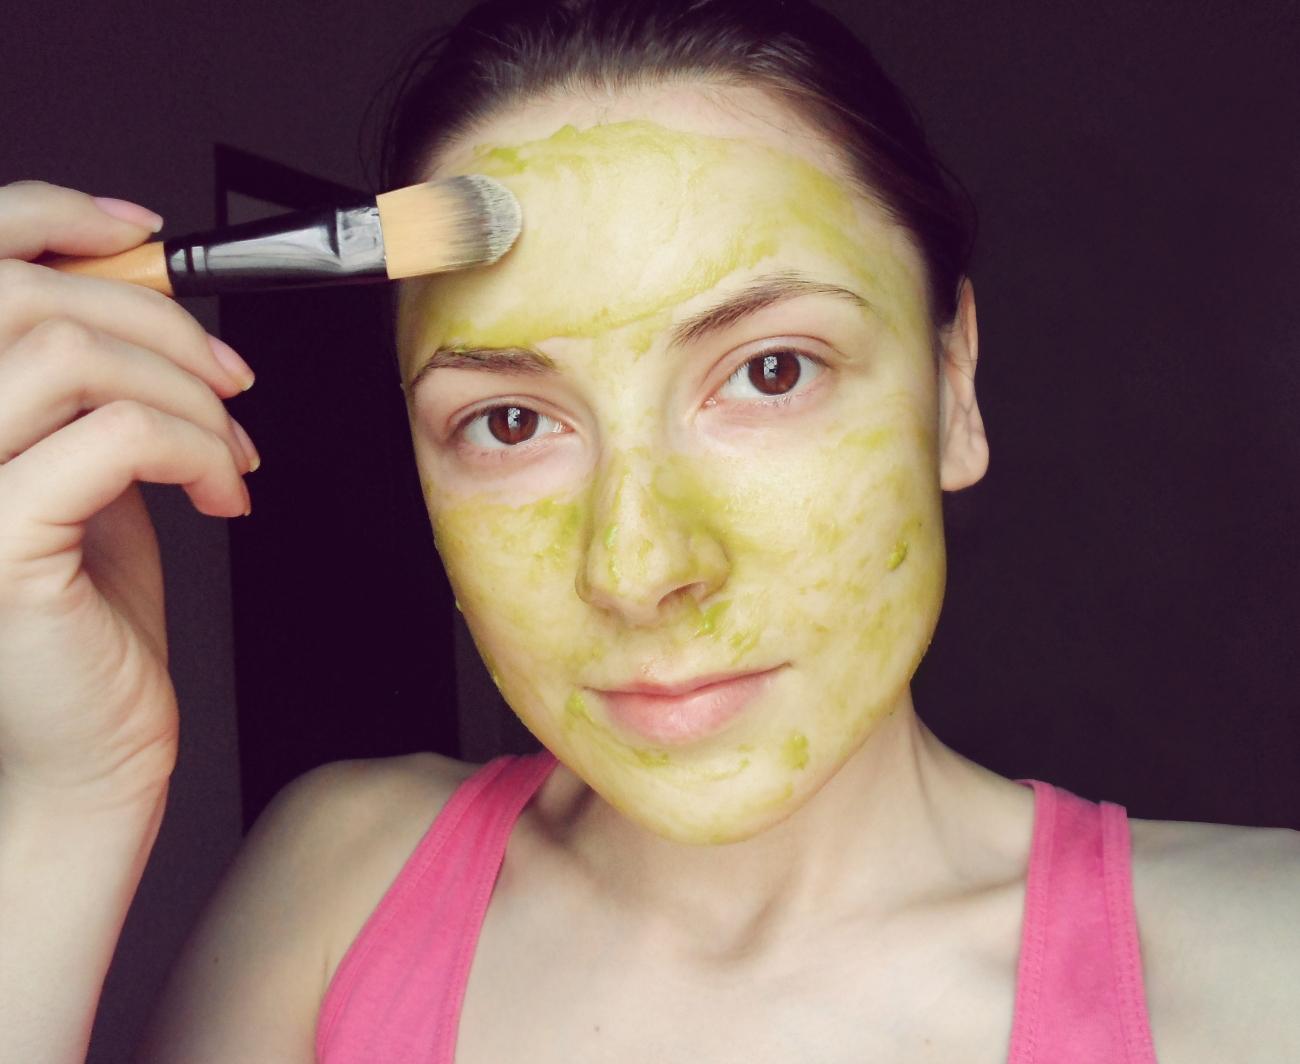 Homemade Avocado Face Mask Recipe